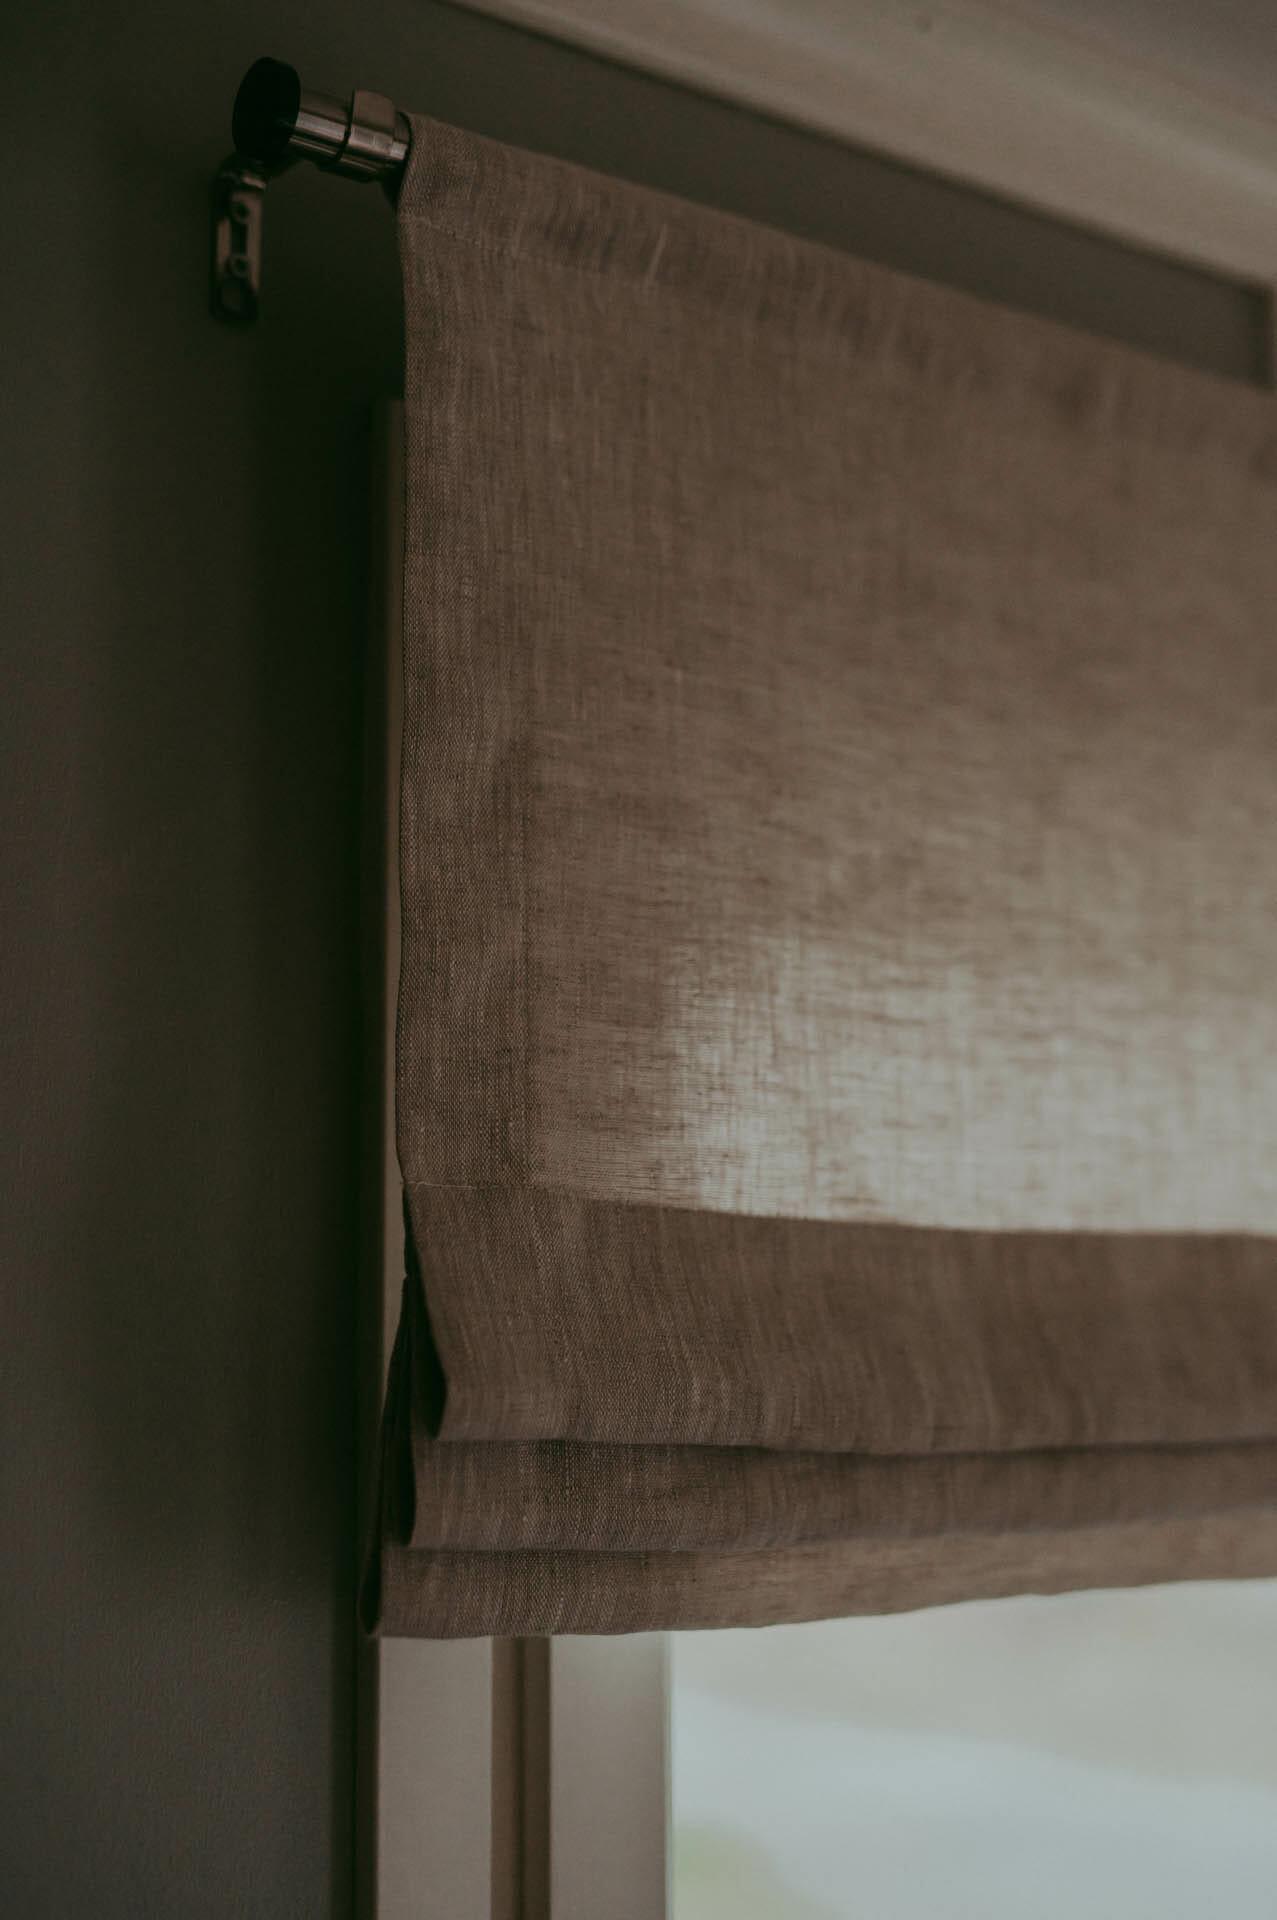 linnefärgad linnekappa med veck. Fuskhisskappa sydd i linne.